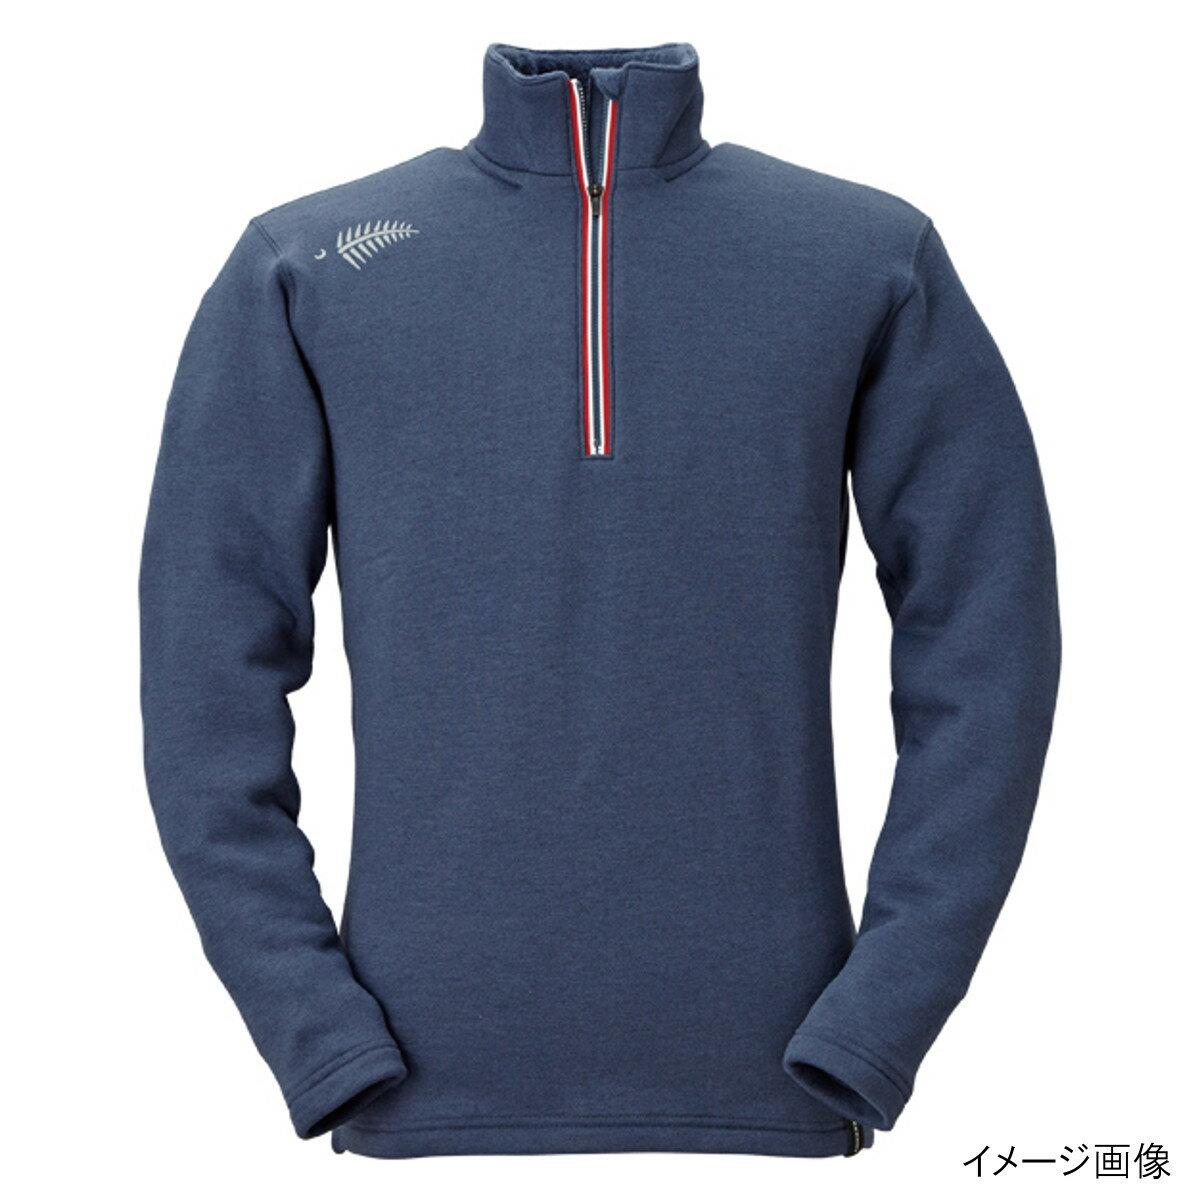 ジップアップシャツ シープバック超厚手 Y1631 M 80(ネイビー)